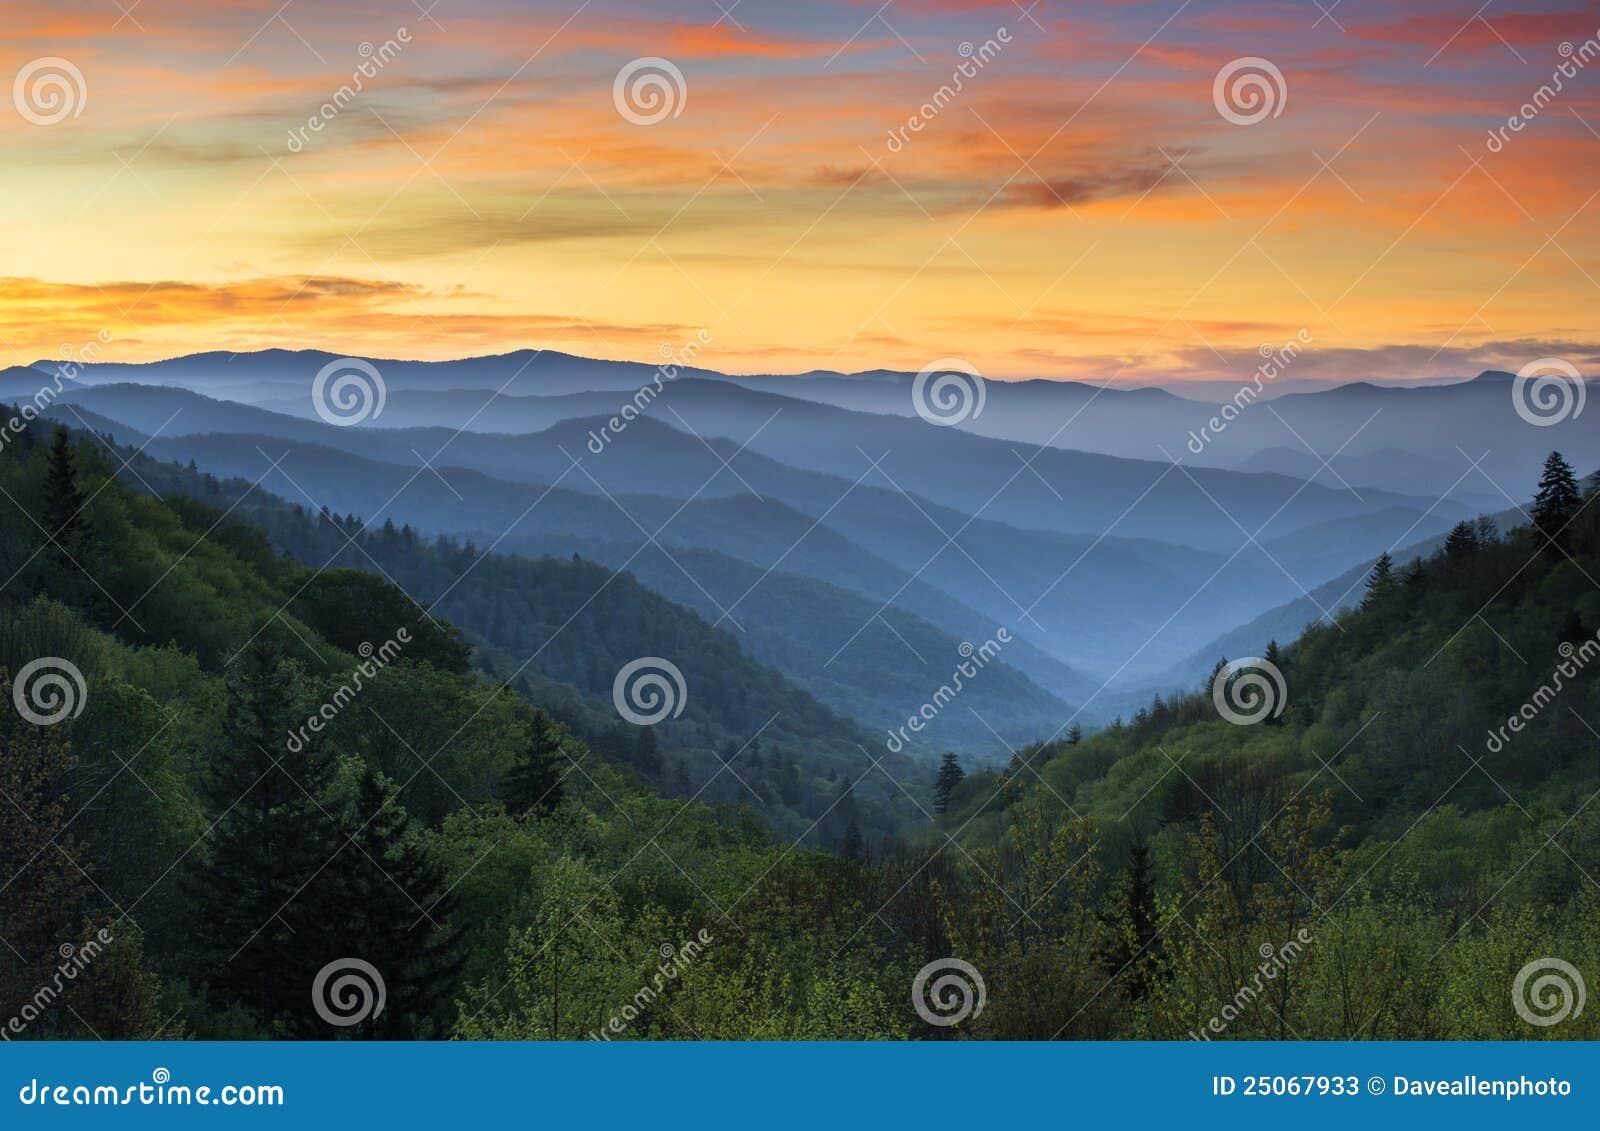 Национальный парк закоптелых гор восхода солнца большой